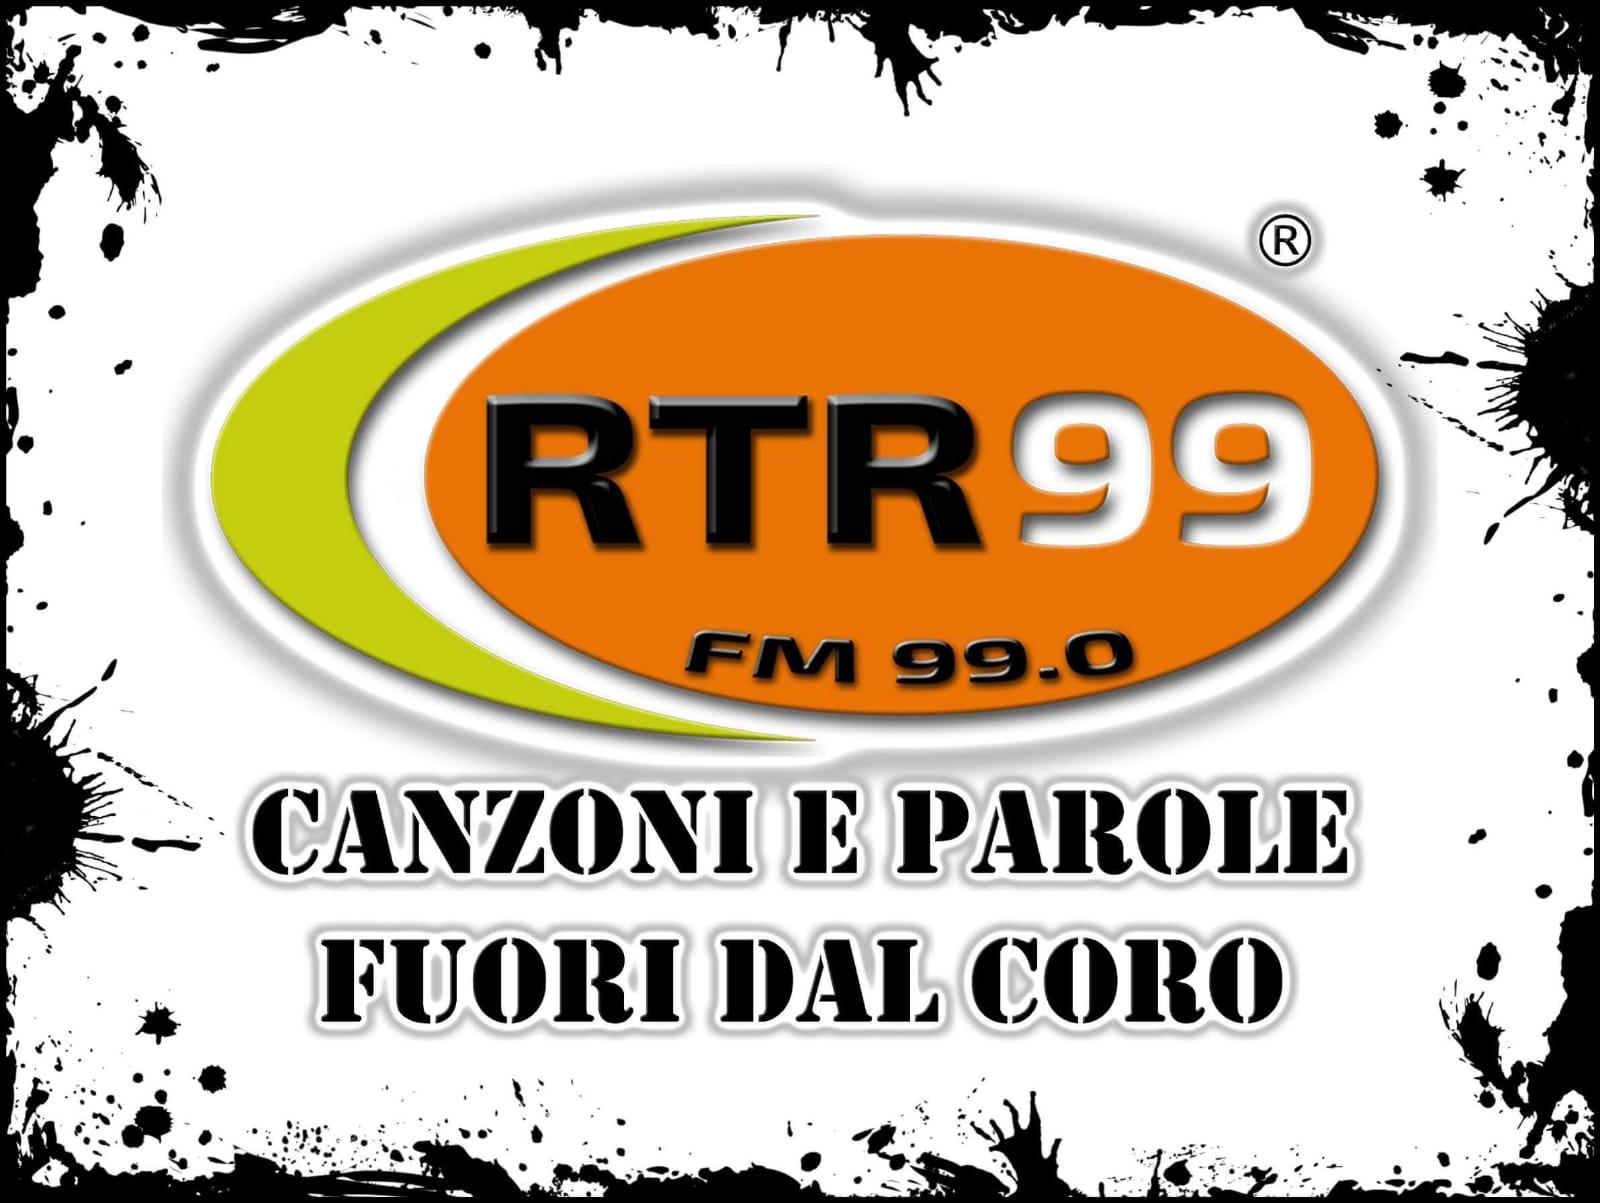 RTR 99 2 - Radio. Indagini di ascolto TER 2018, Lazio: il caso della massima fidelizzazione dell'ascoltatore di RTR 99